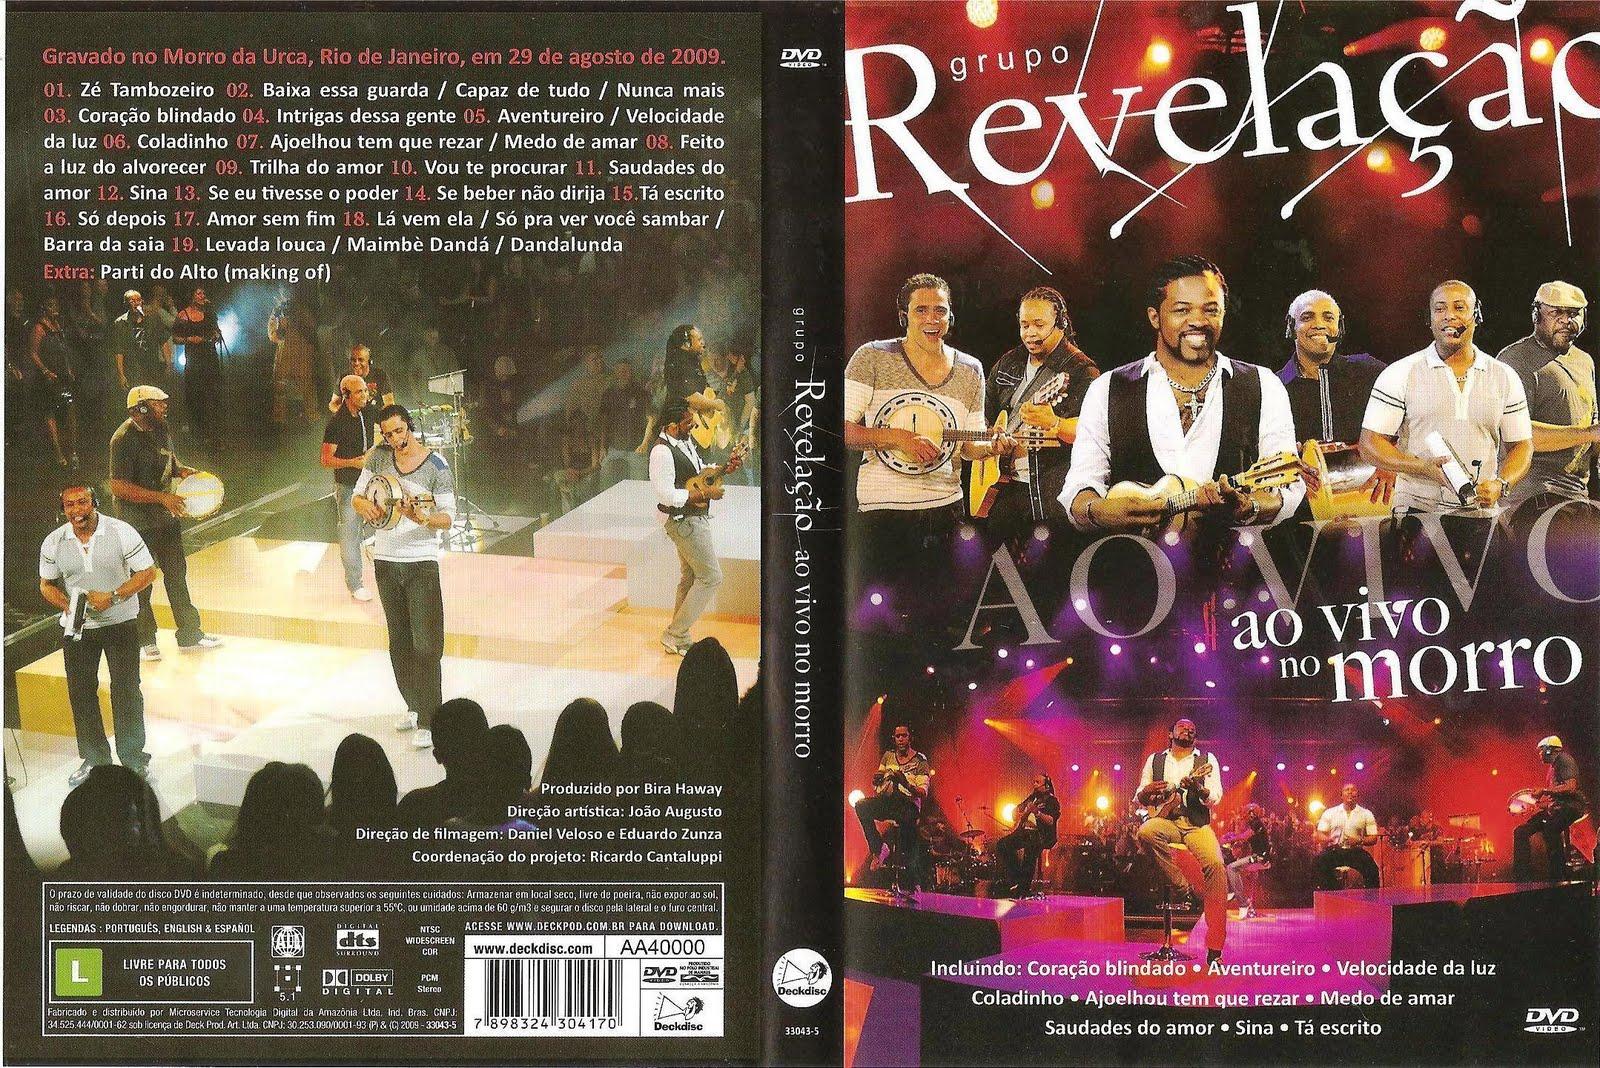 cd do revelao ao vivo no olimpo